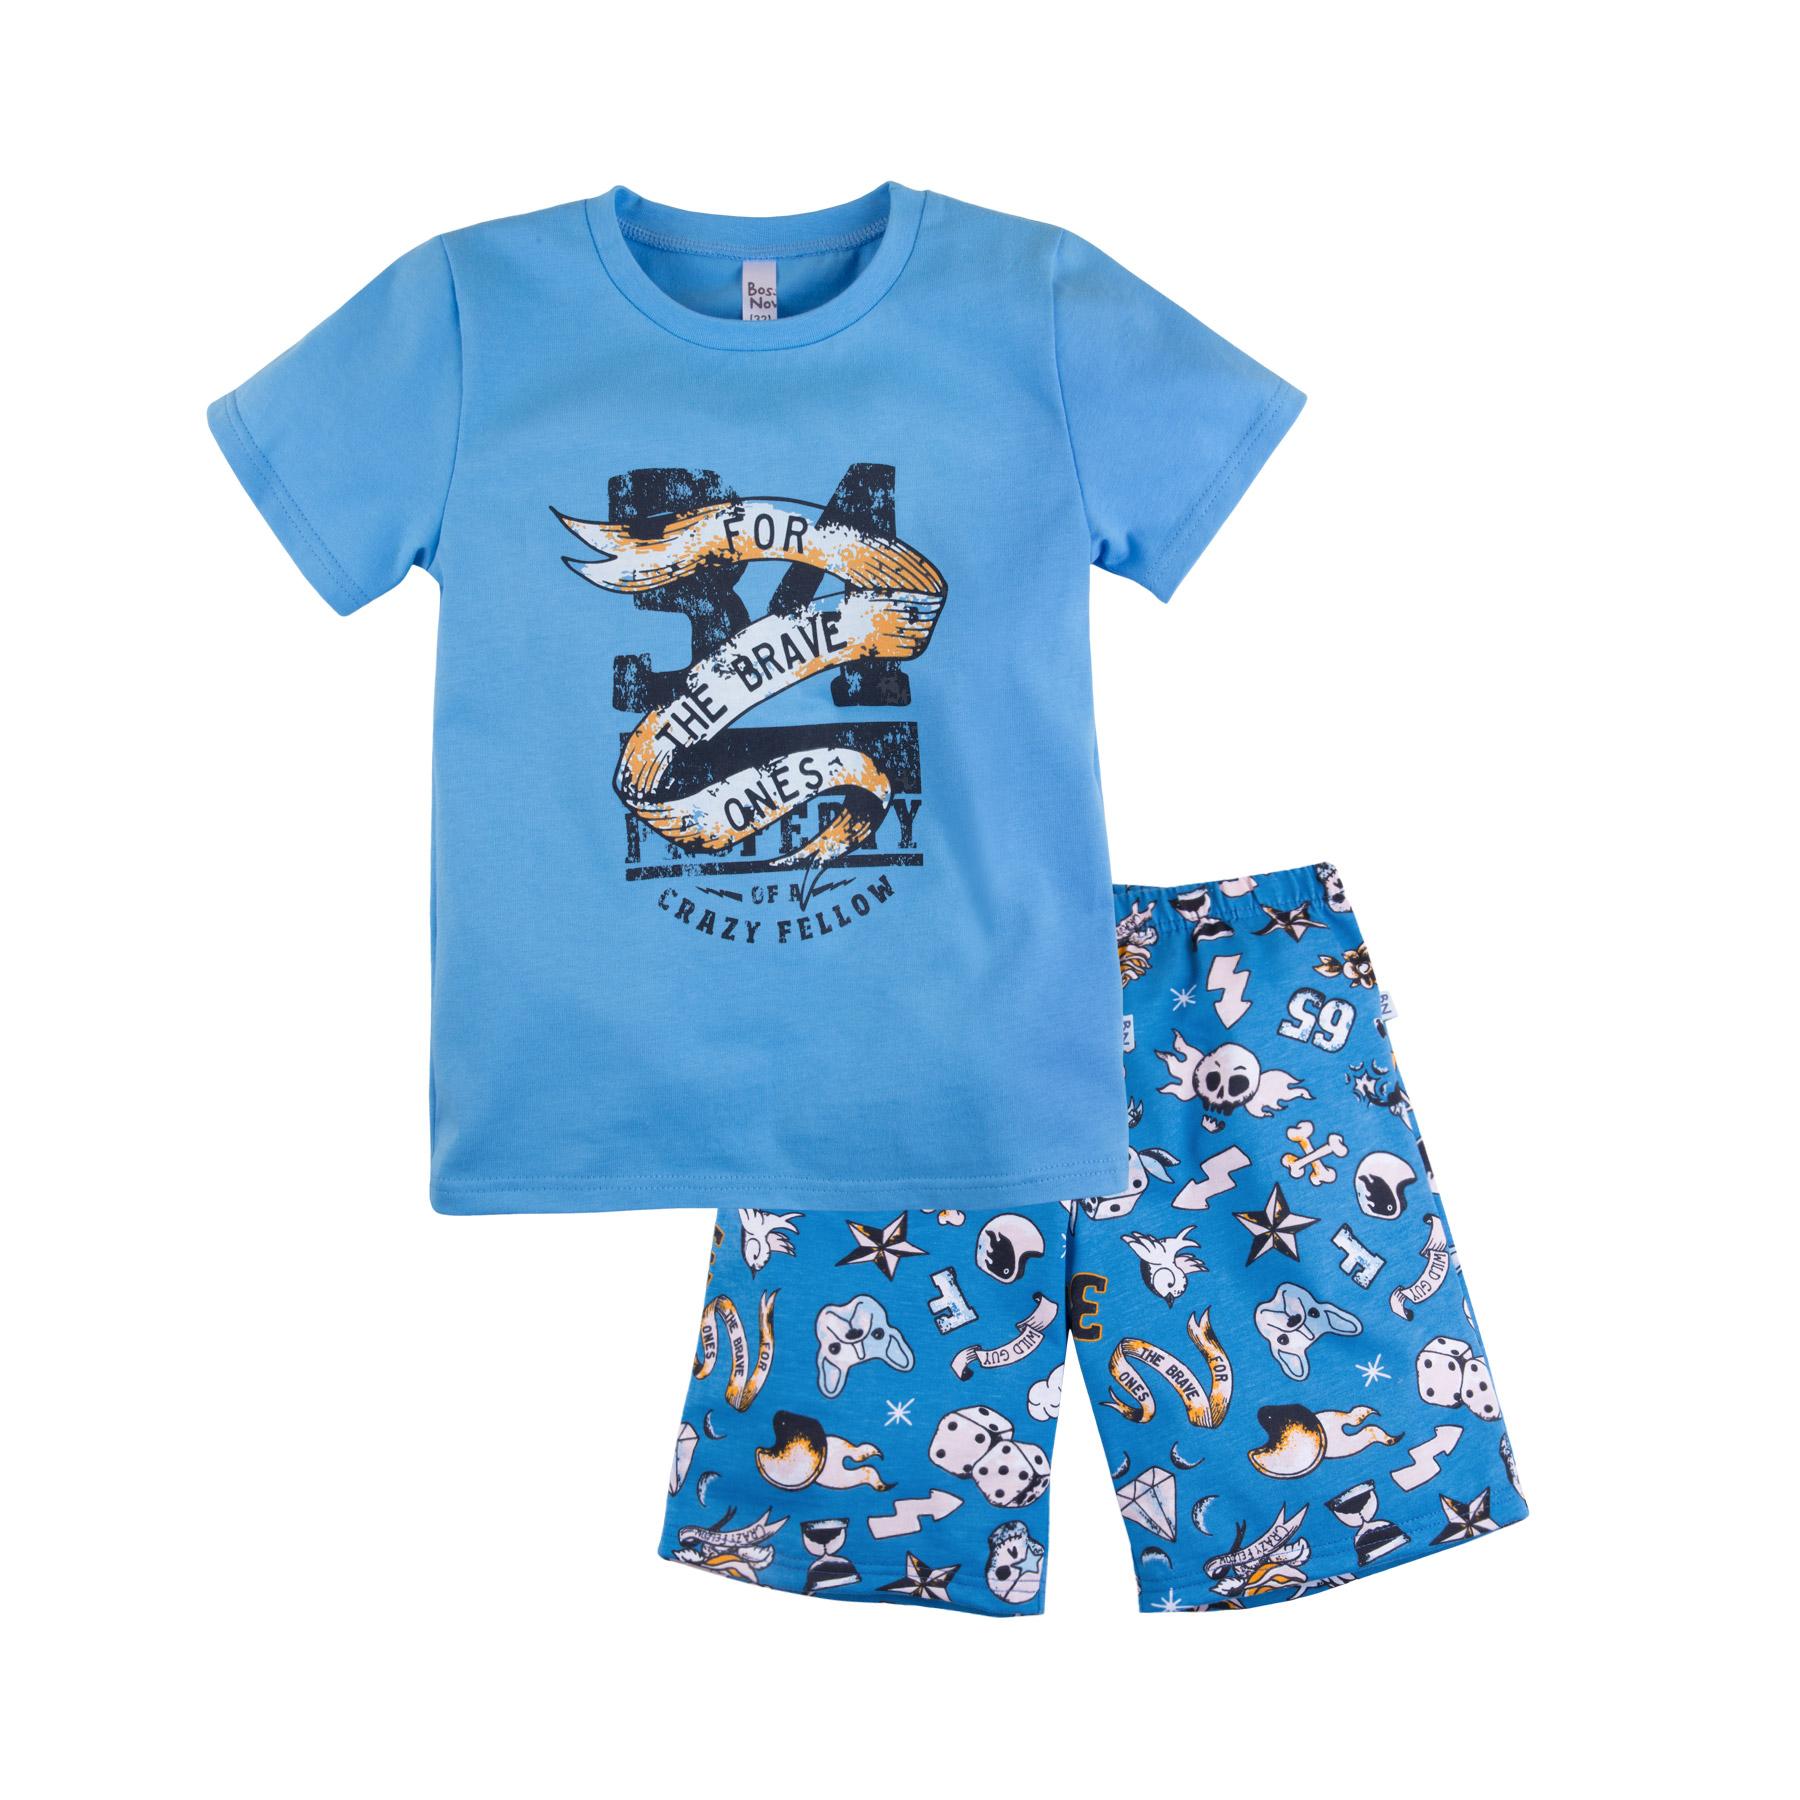 Купить Пижама Bossa Nova Тату для мальчика: футболка и шорты, голубая, Журавлик, Россия, Голубой, 98